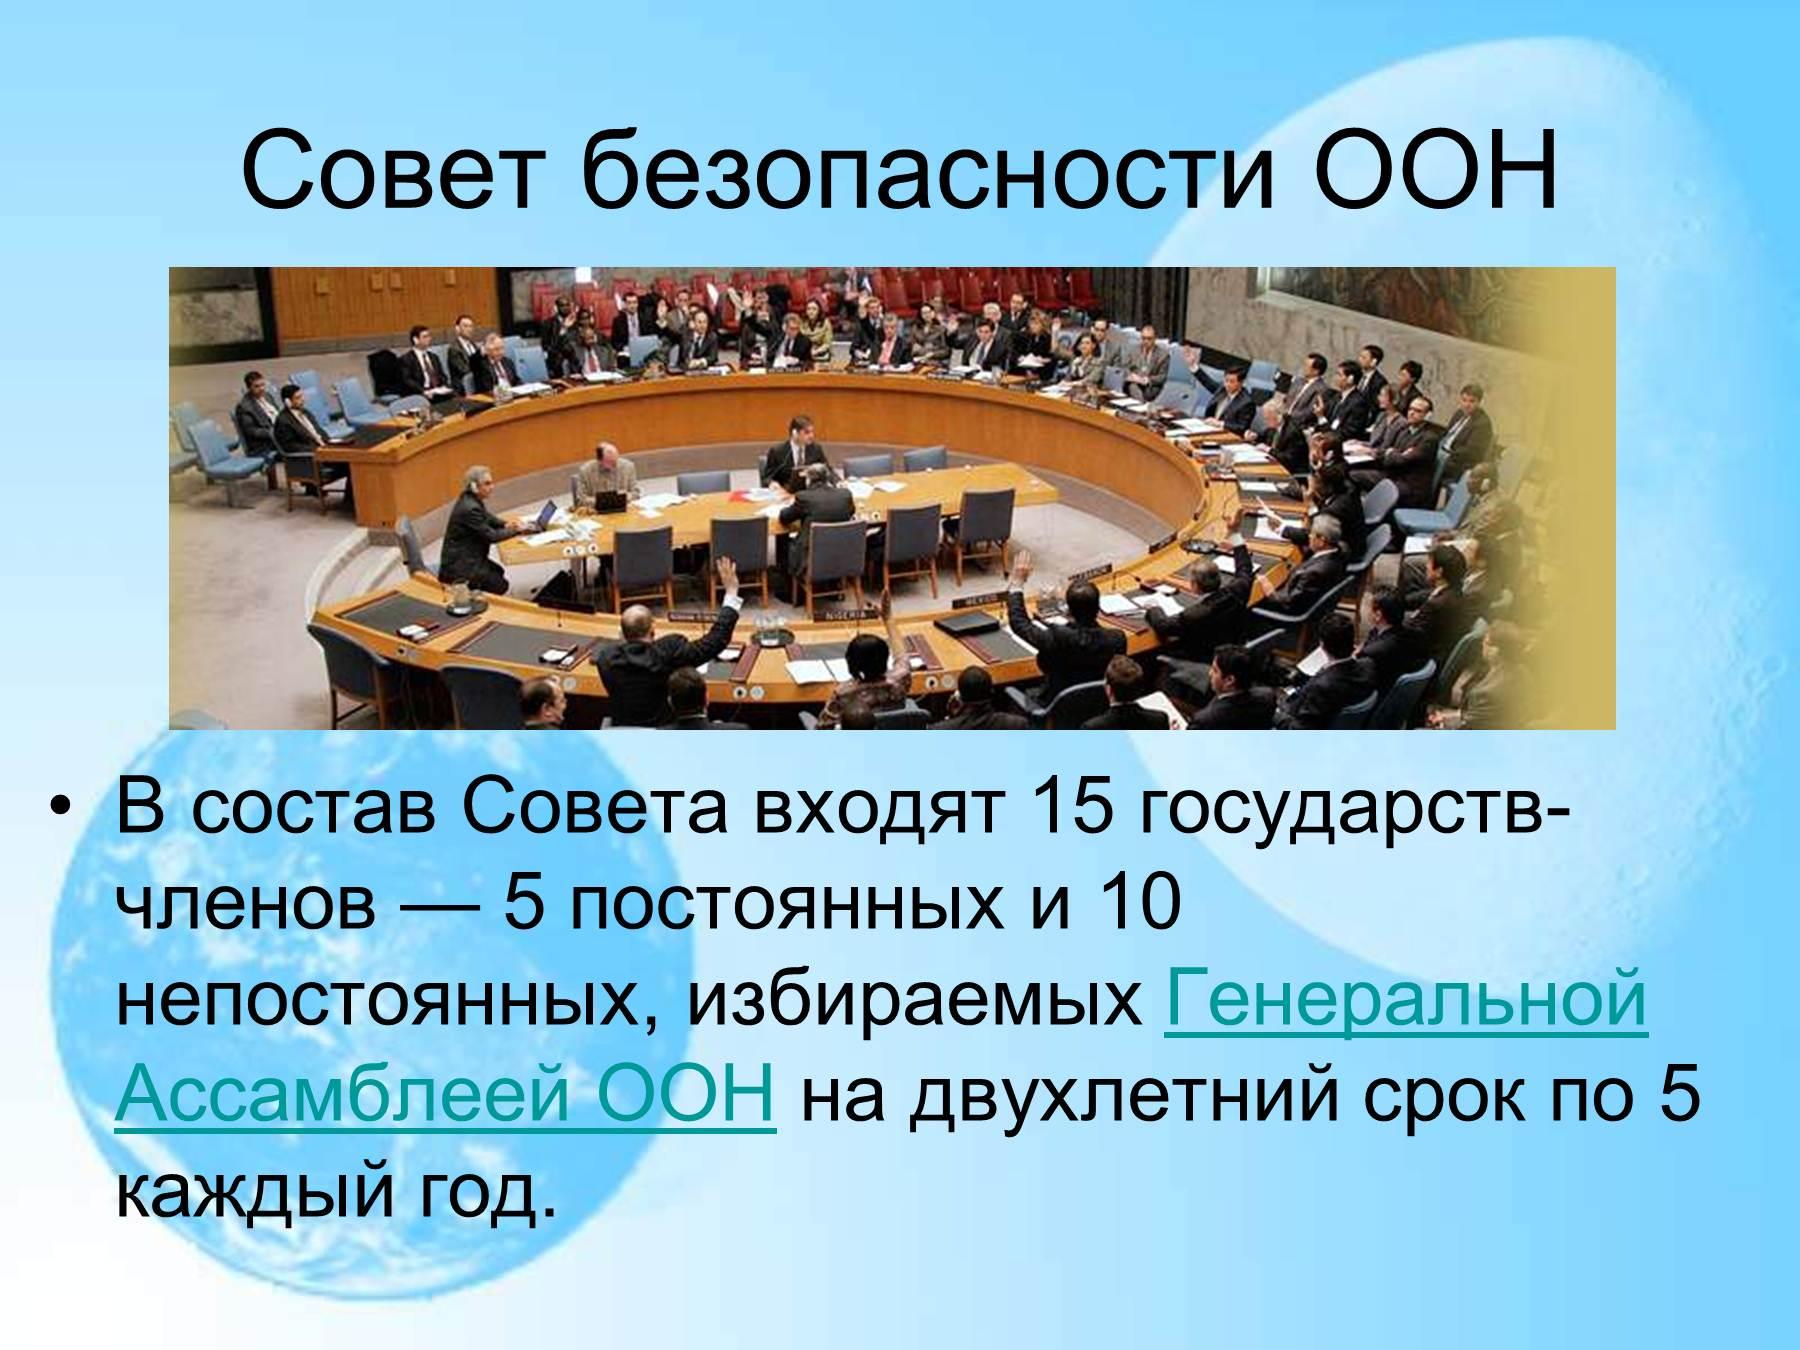 Разместить постоянные члены совета безопасности оон